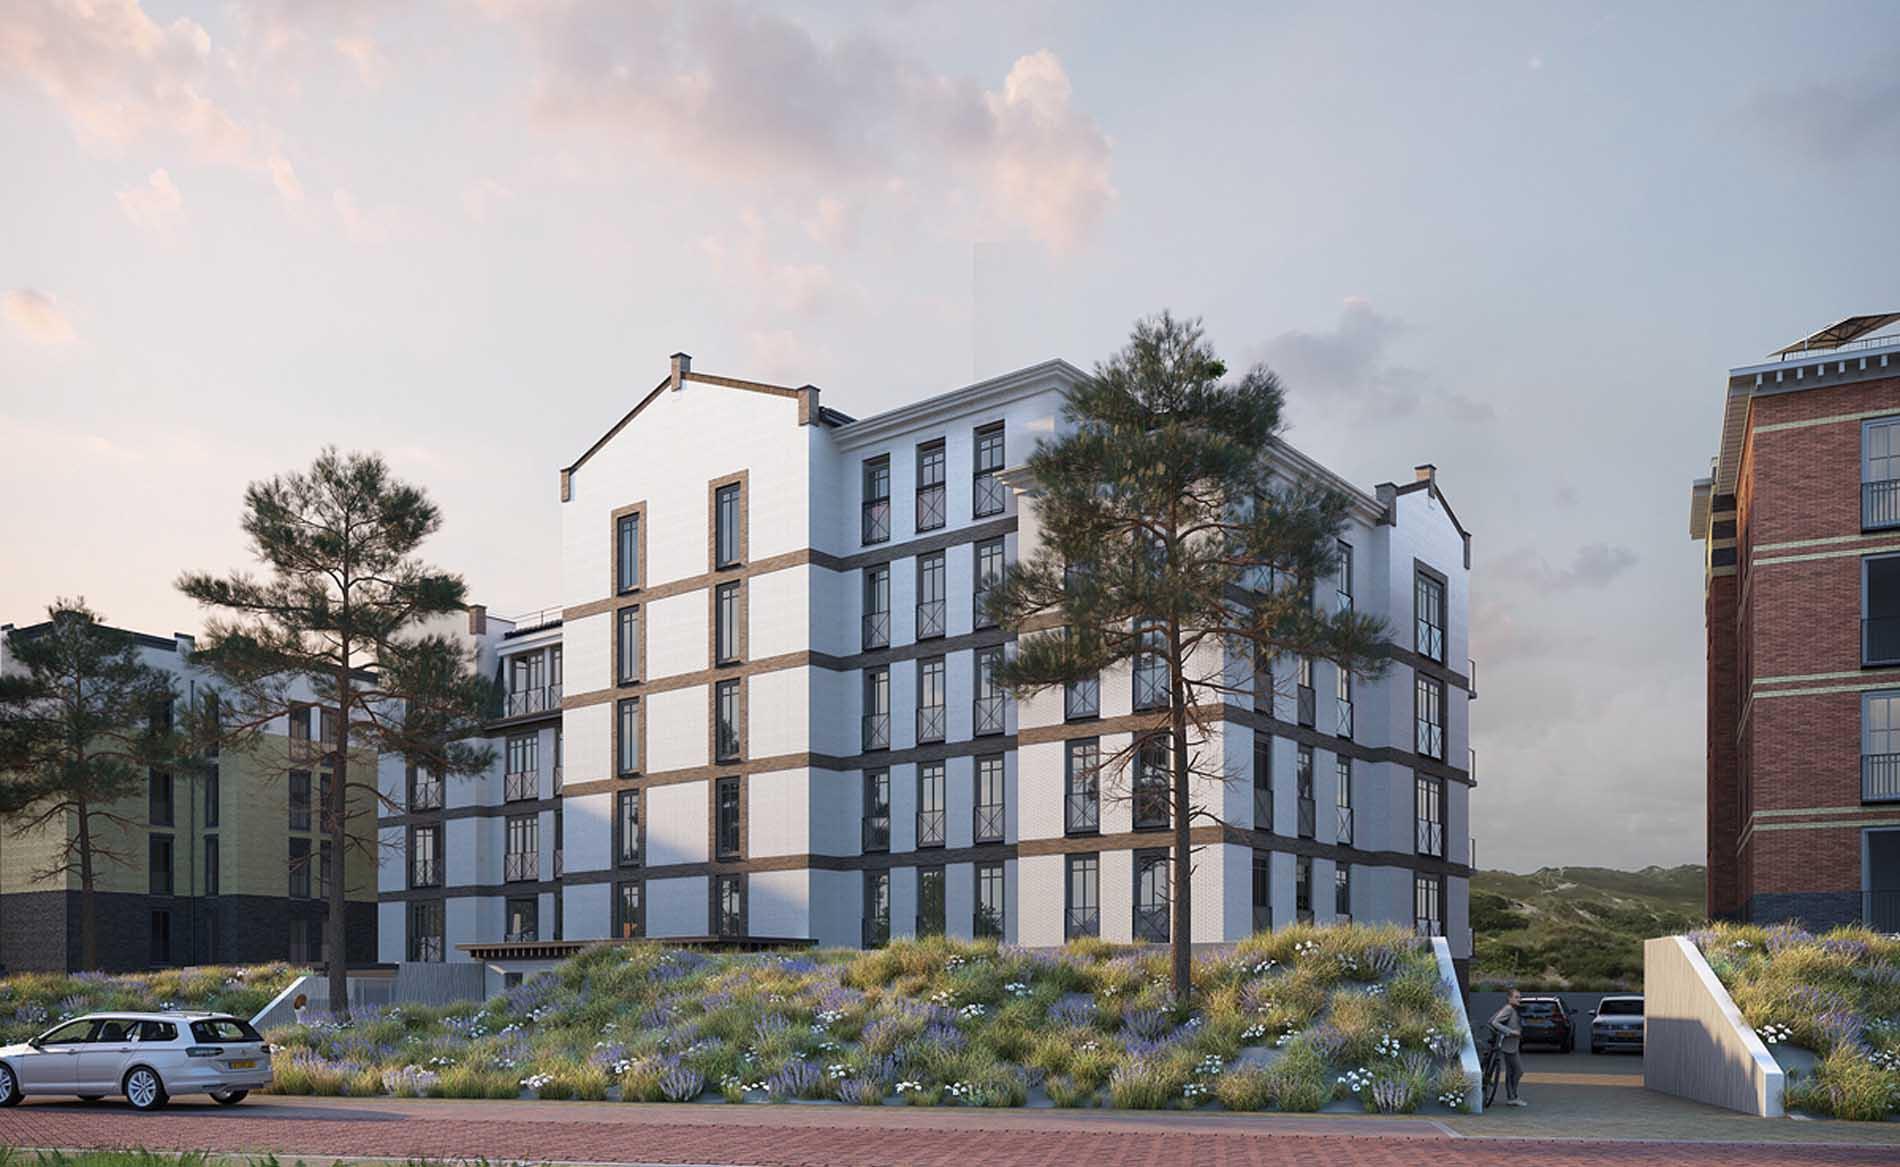 architect woningbouw appartementen architect kust architectuur Duingeest Monster BBHD architecten